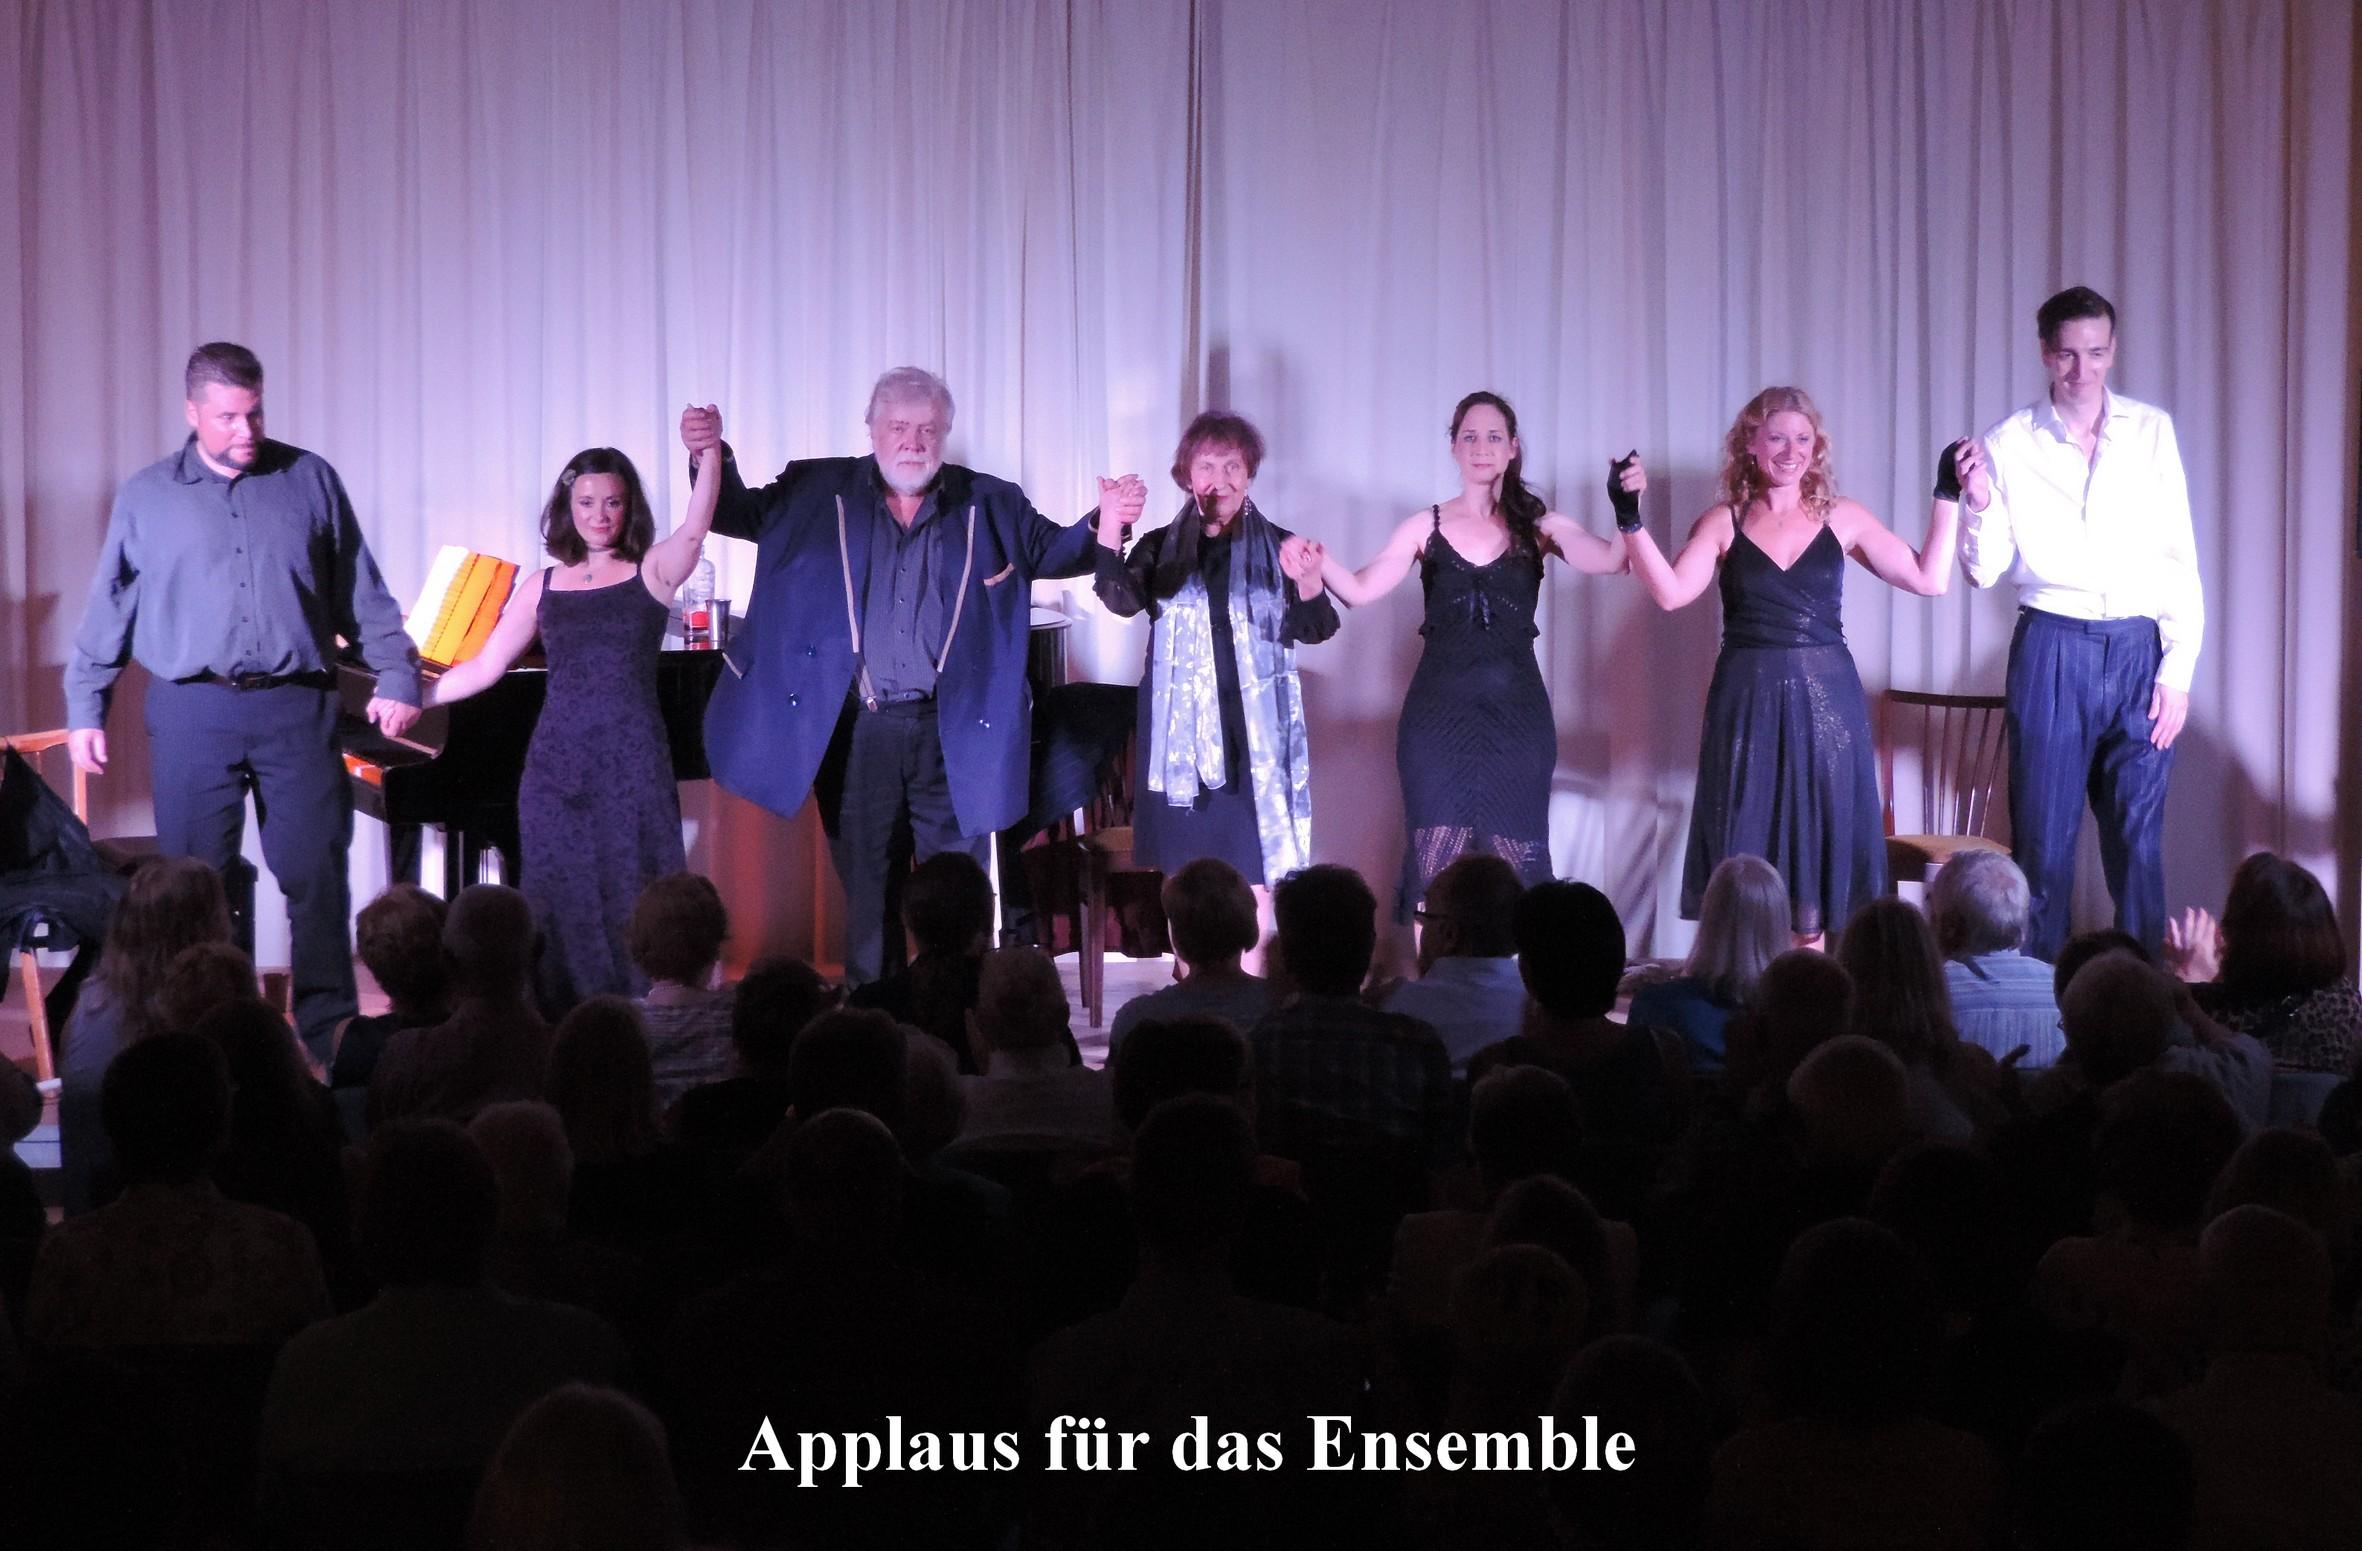 Applaus für das Ensemble